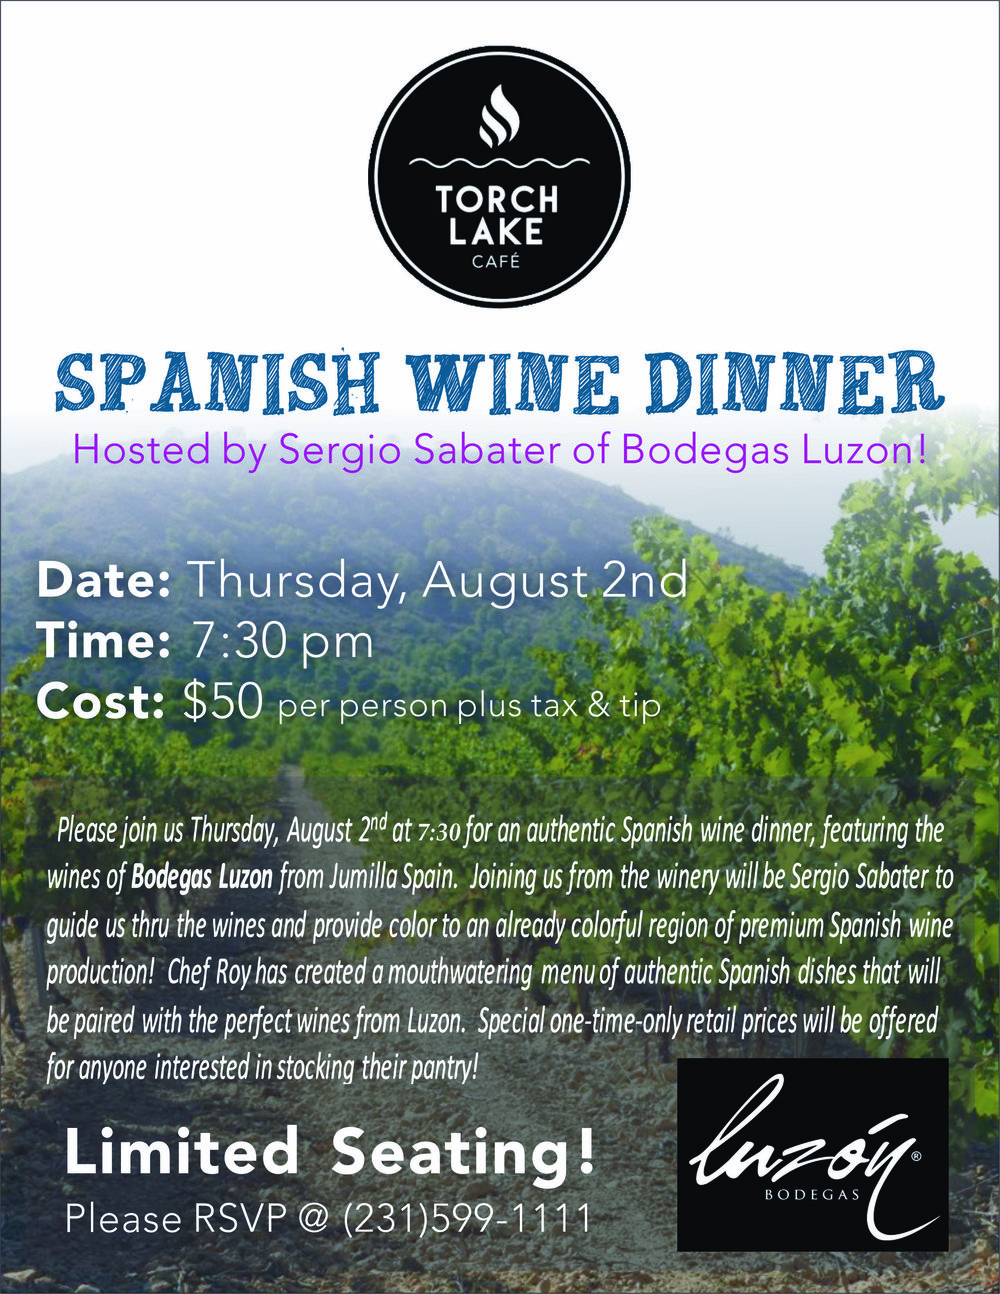 Torch Lake Cafe Spanish Wine Dinner Poster 1.jpg